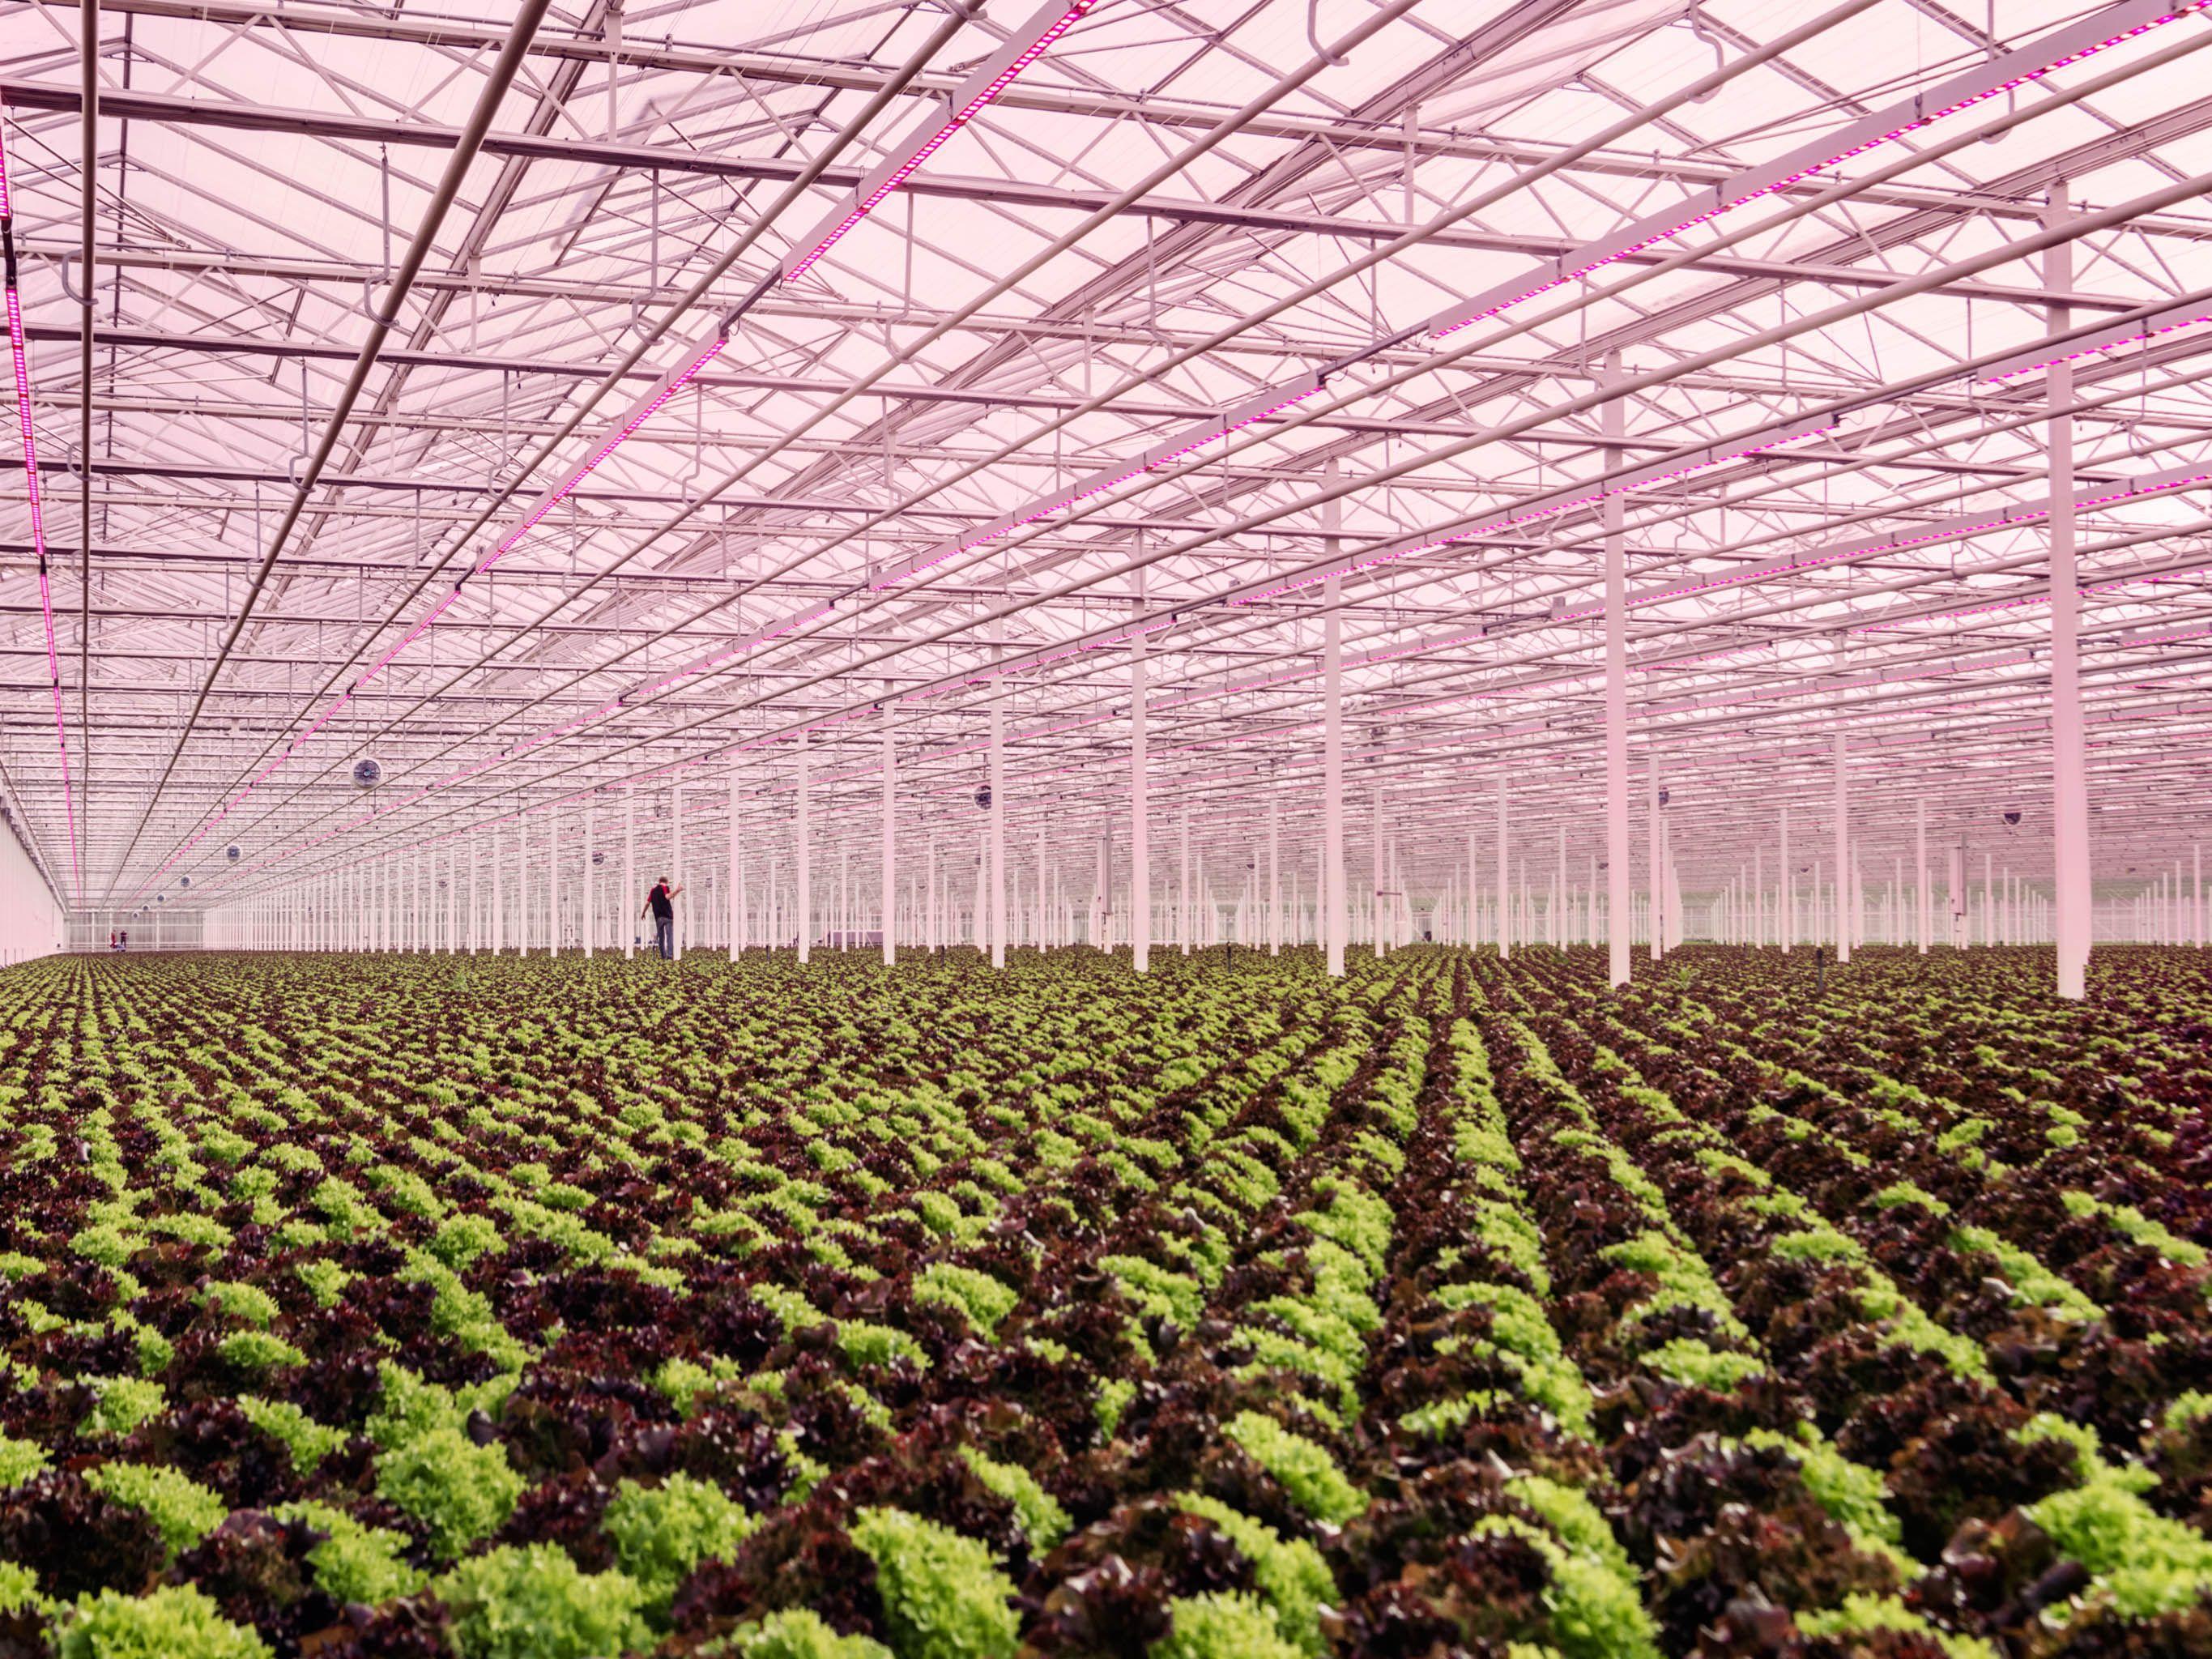 Que Planter En Octobre Sous Serre les pays-bas, centre de toutes les innovations agricoles